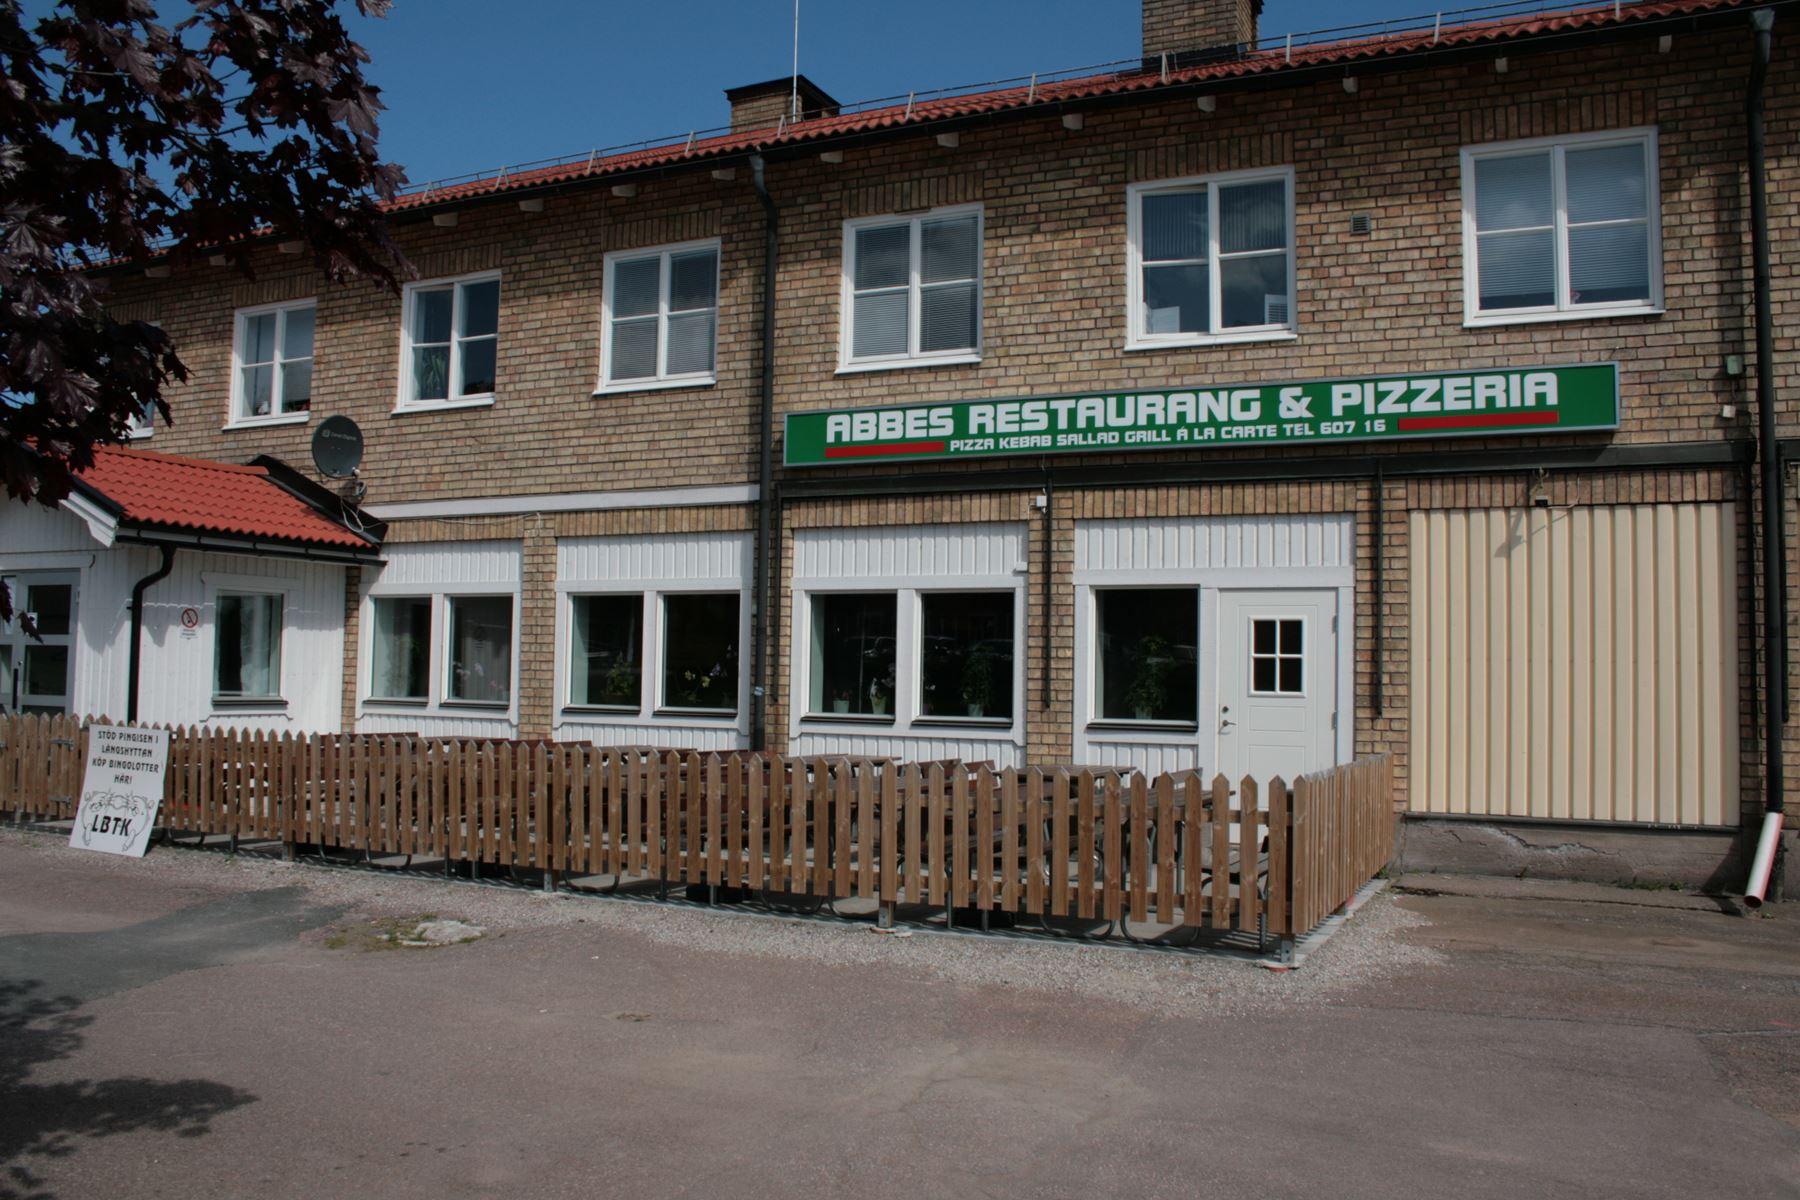 Abbes Restaurang och Pizzeria